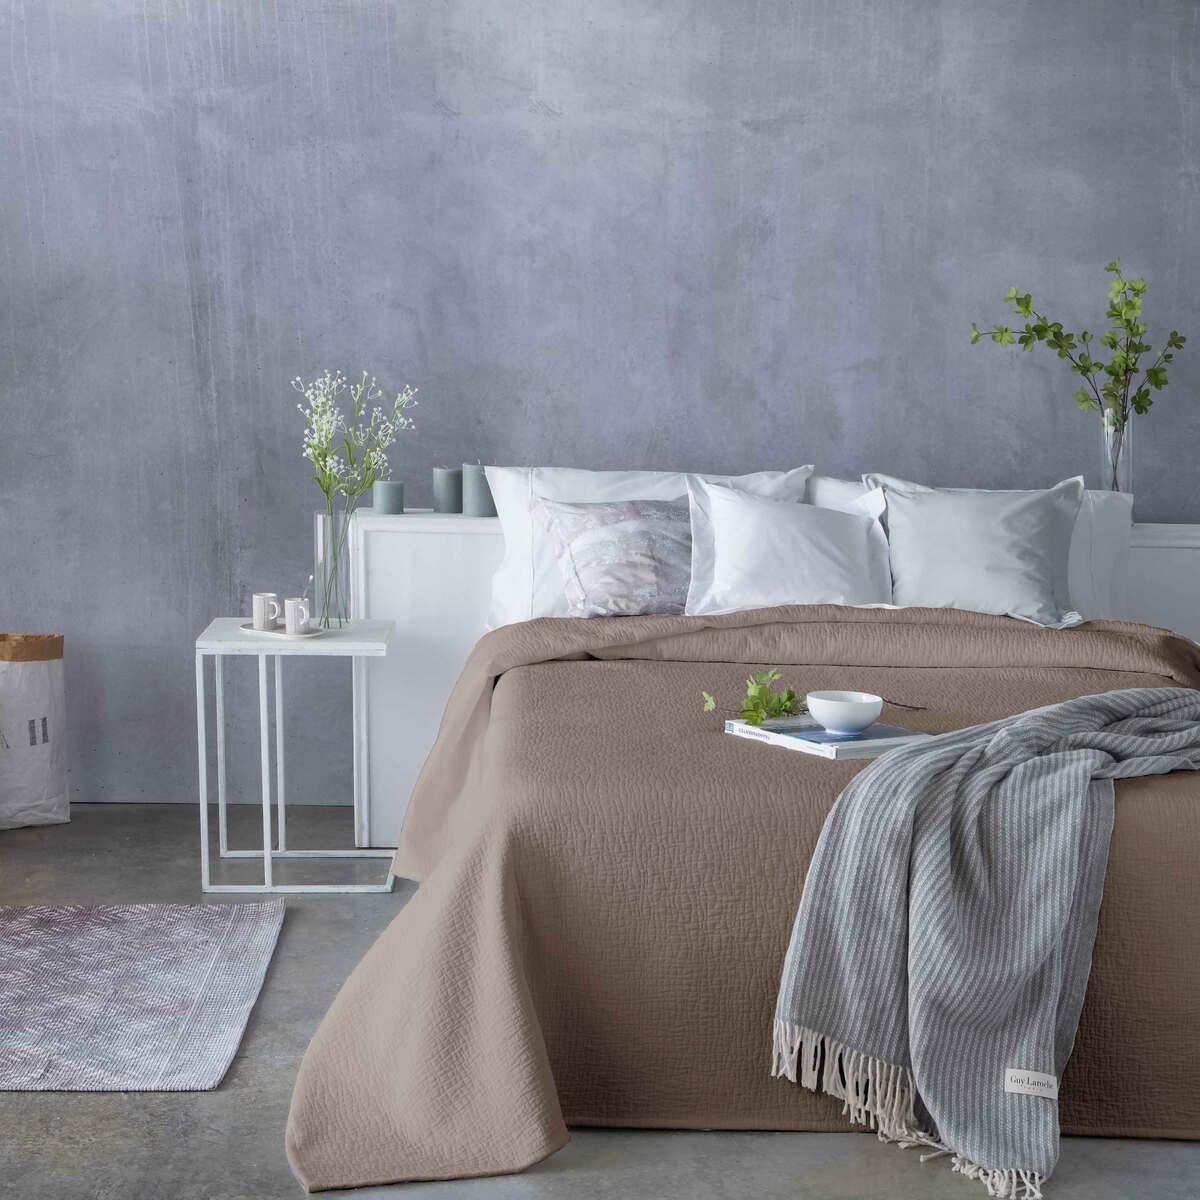 Couvre lit en coton marron 250x270